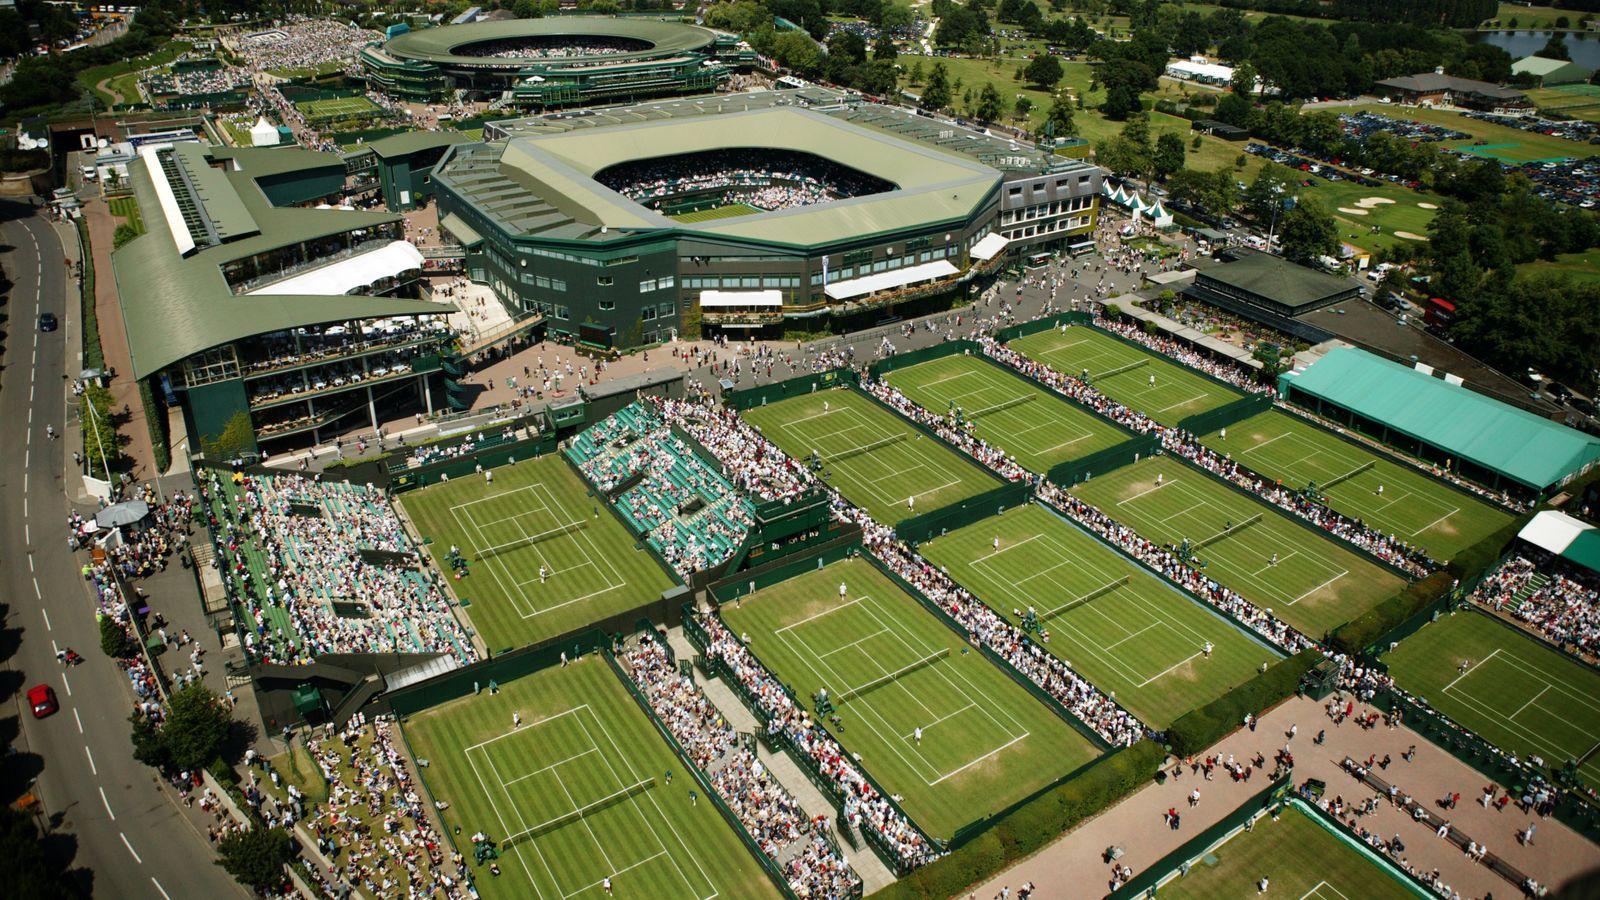 Wimbledon Sky 2020